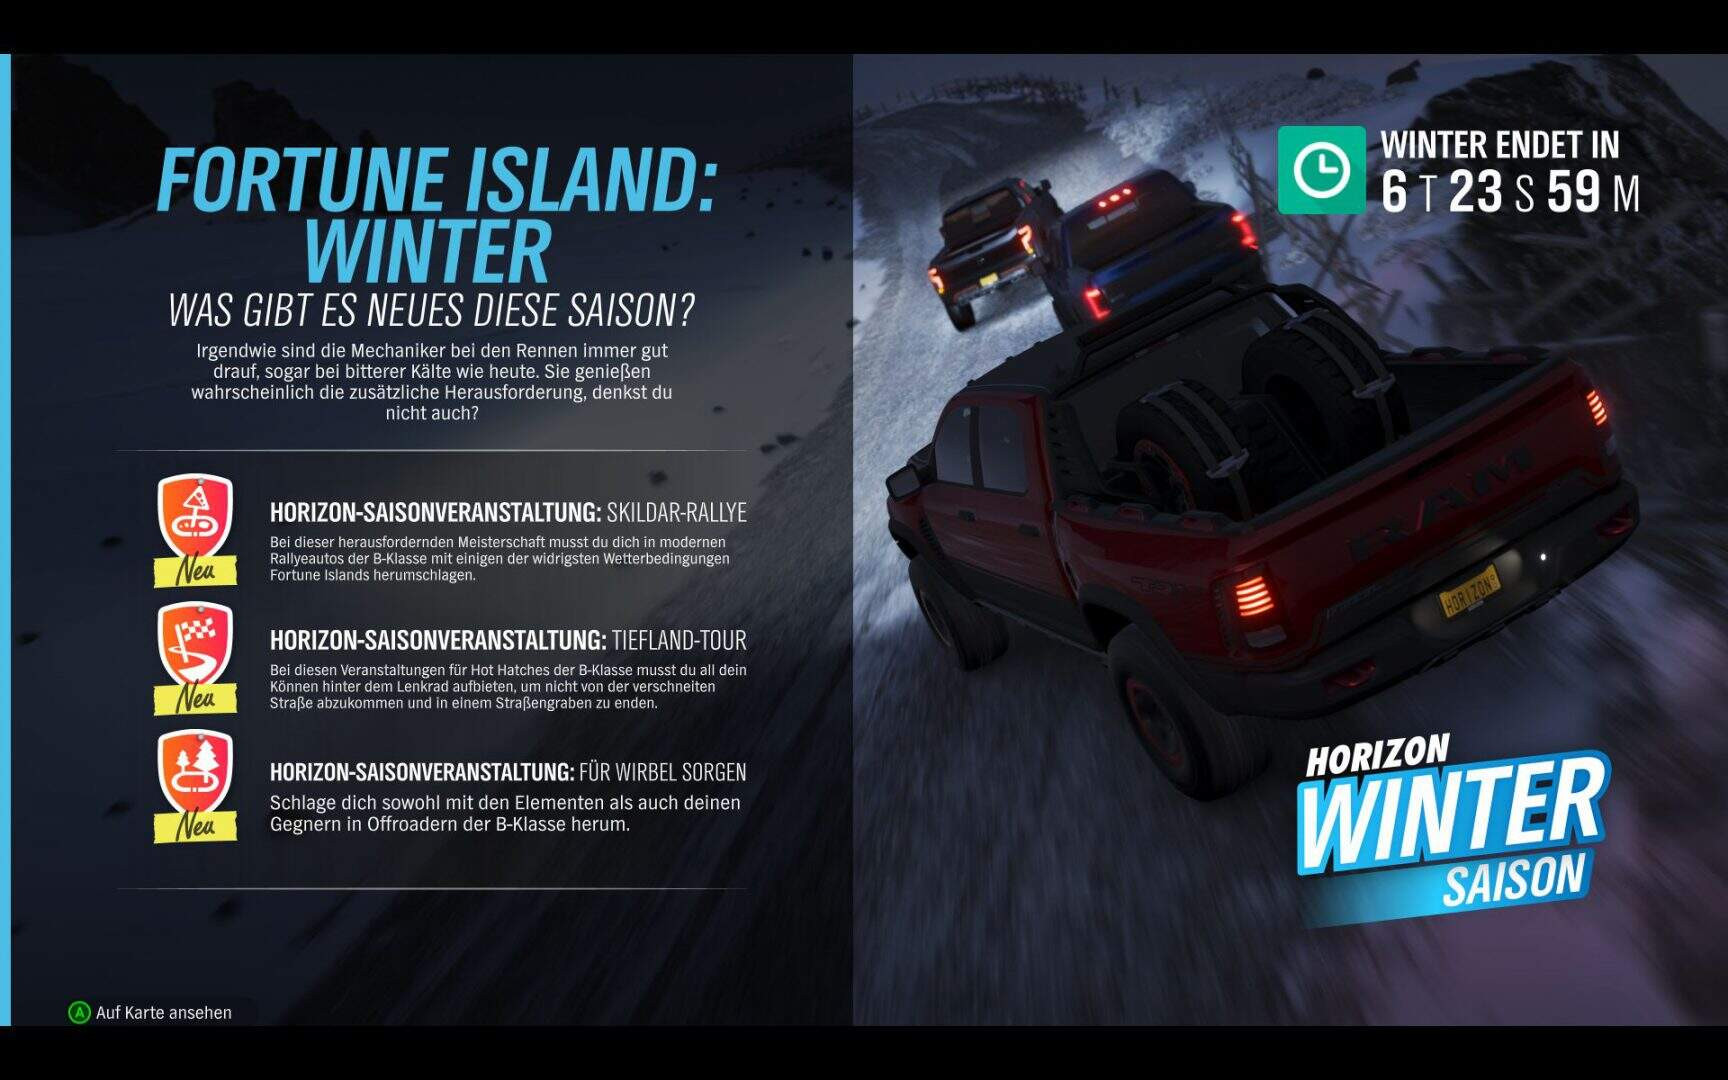 Forza Horizon 4 Wintert Aktivitäten KW 01 2019